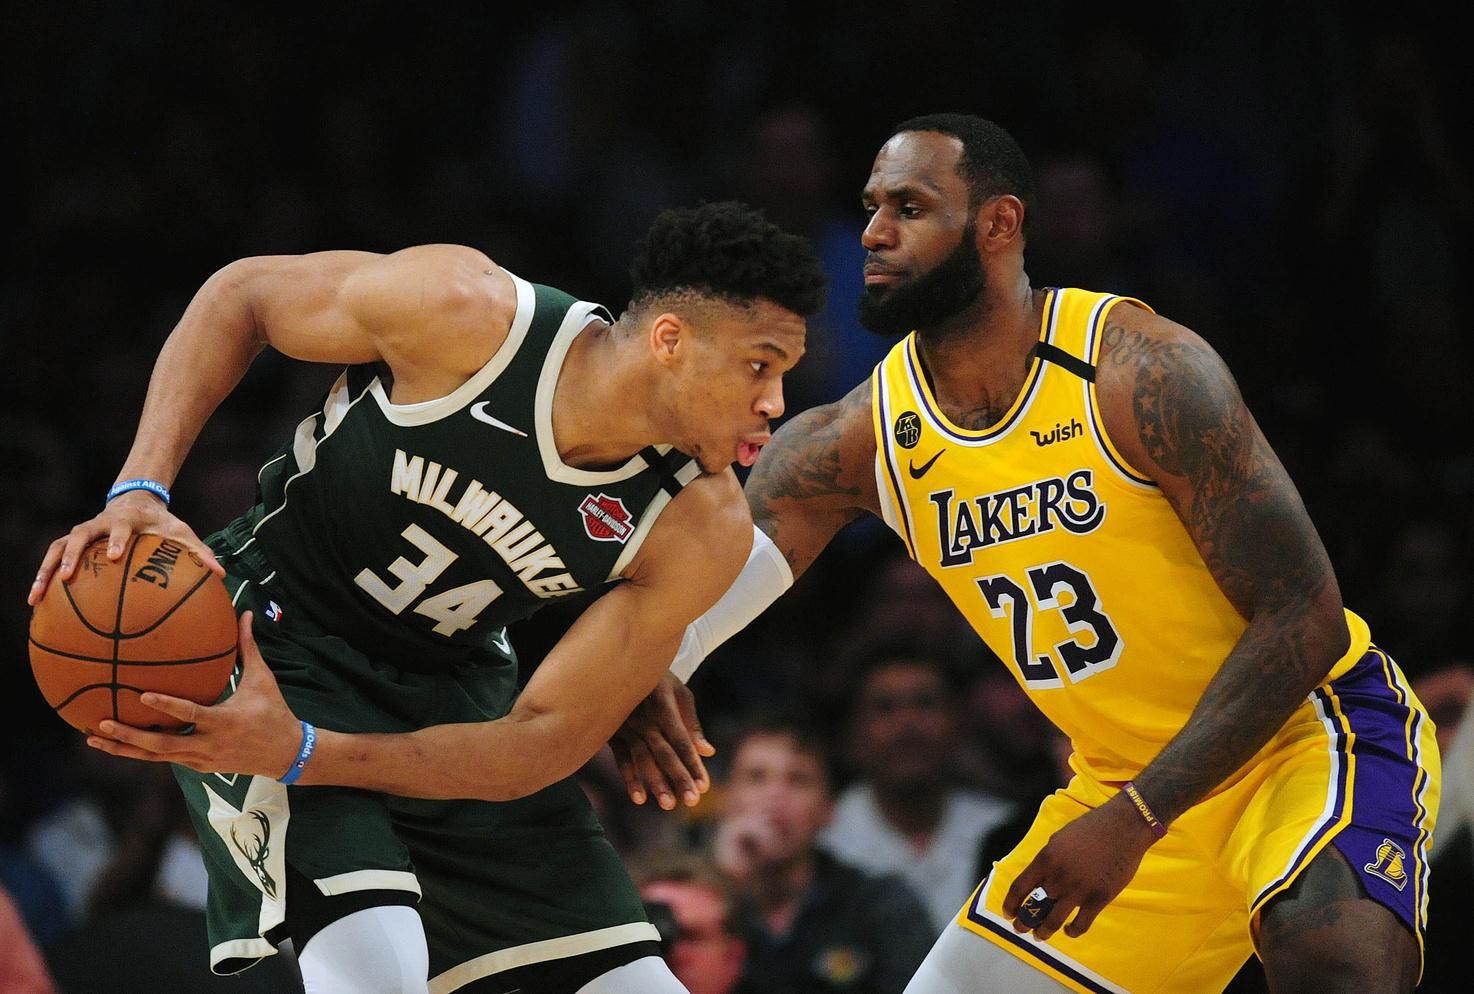 Will Giannis Antetokounmpo be a Milwaukee Bucks Player Next Season? - Newslibre